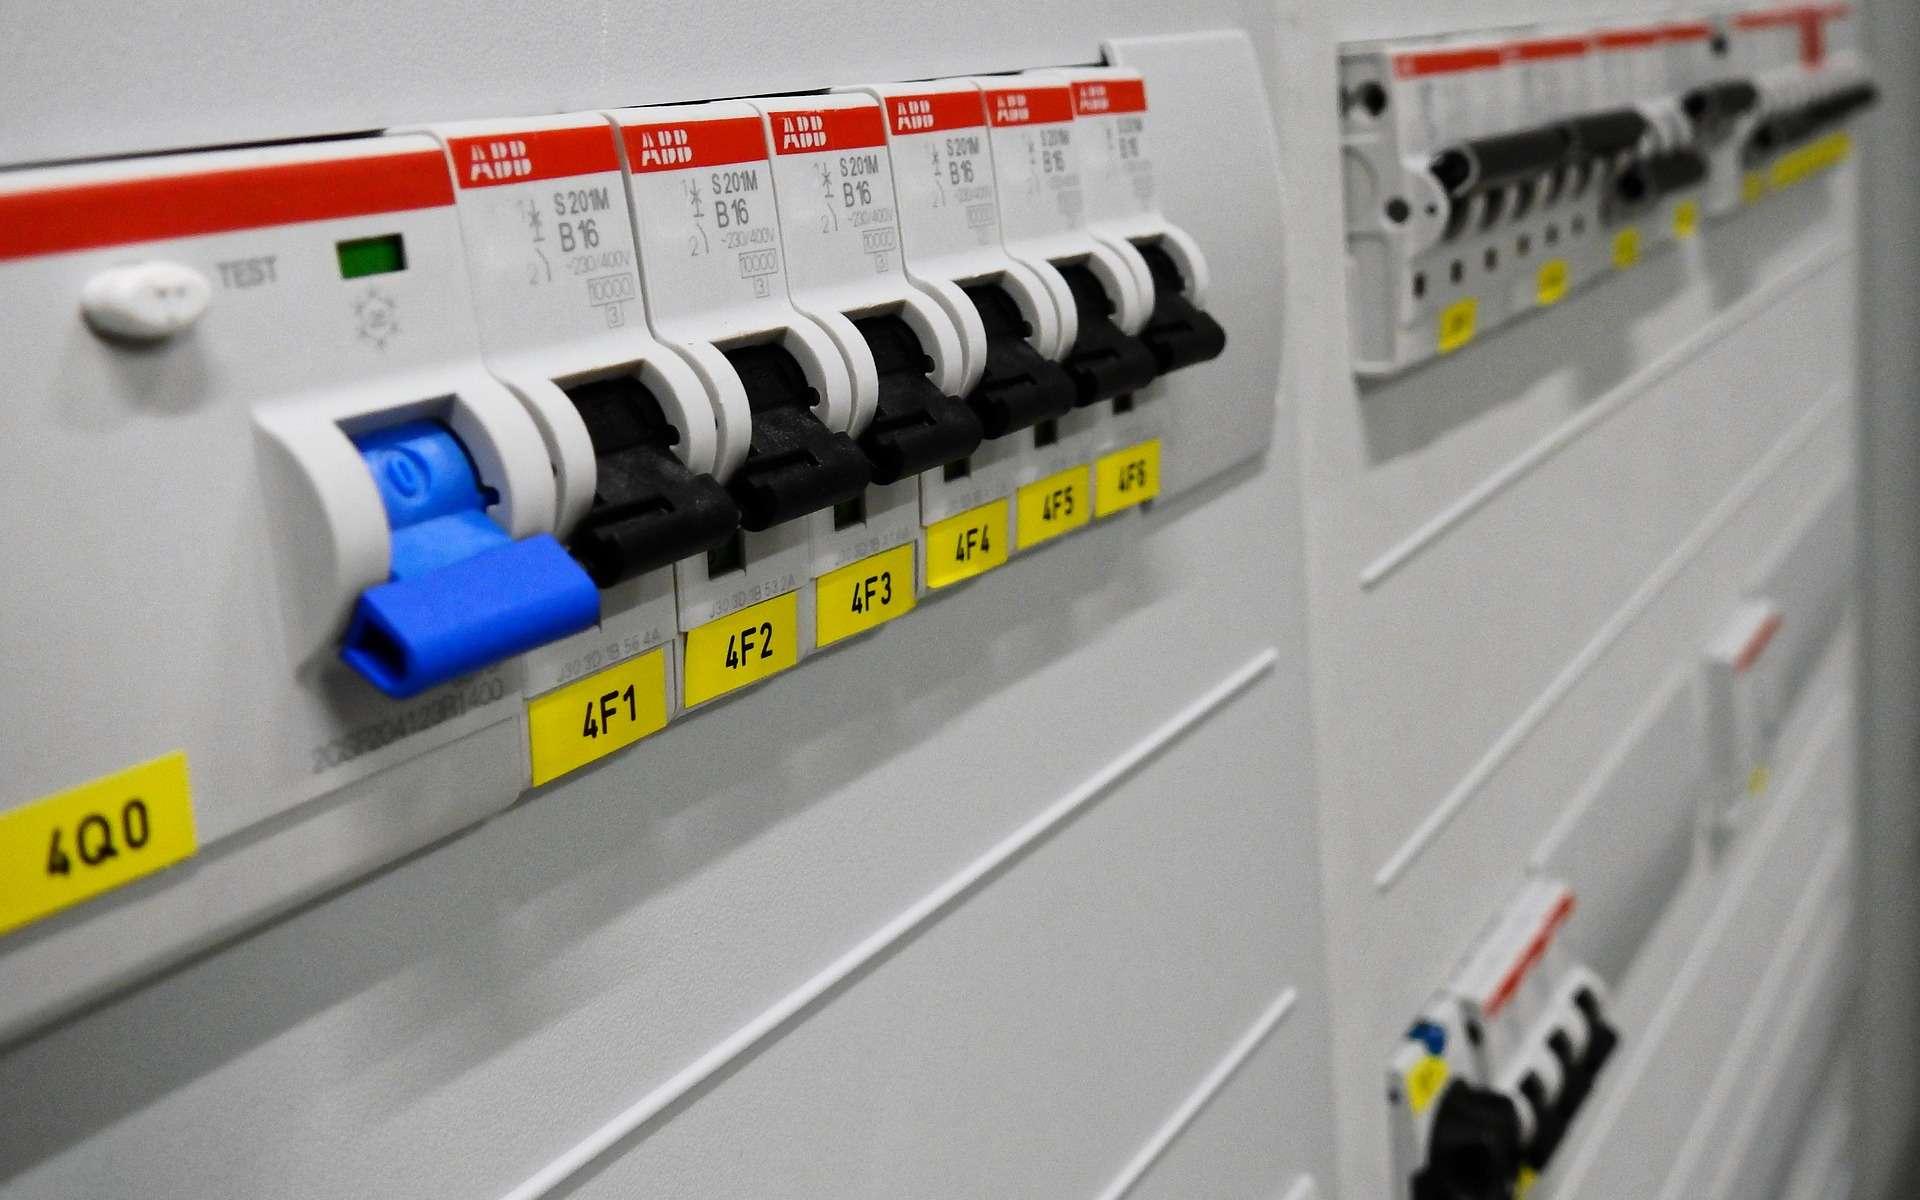 Le disjoncteur protège les personnes contre une électrocution et les appareils ménagers contre une surintensité. @ Bru-nO, Pixabay